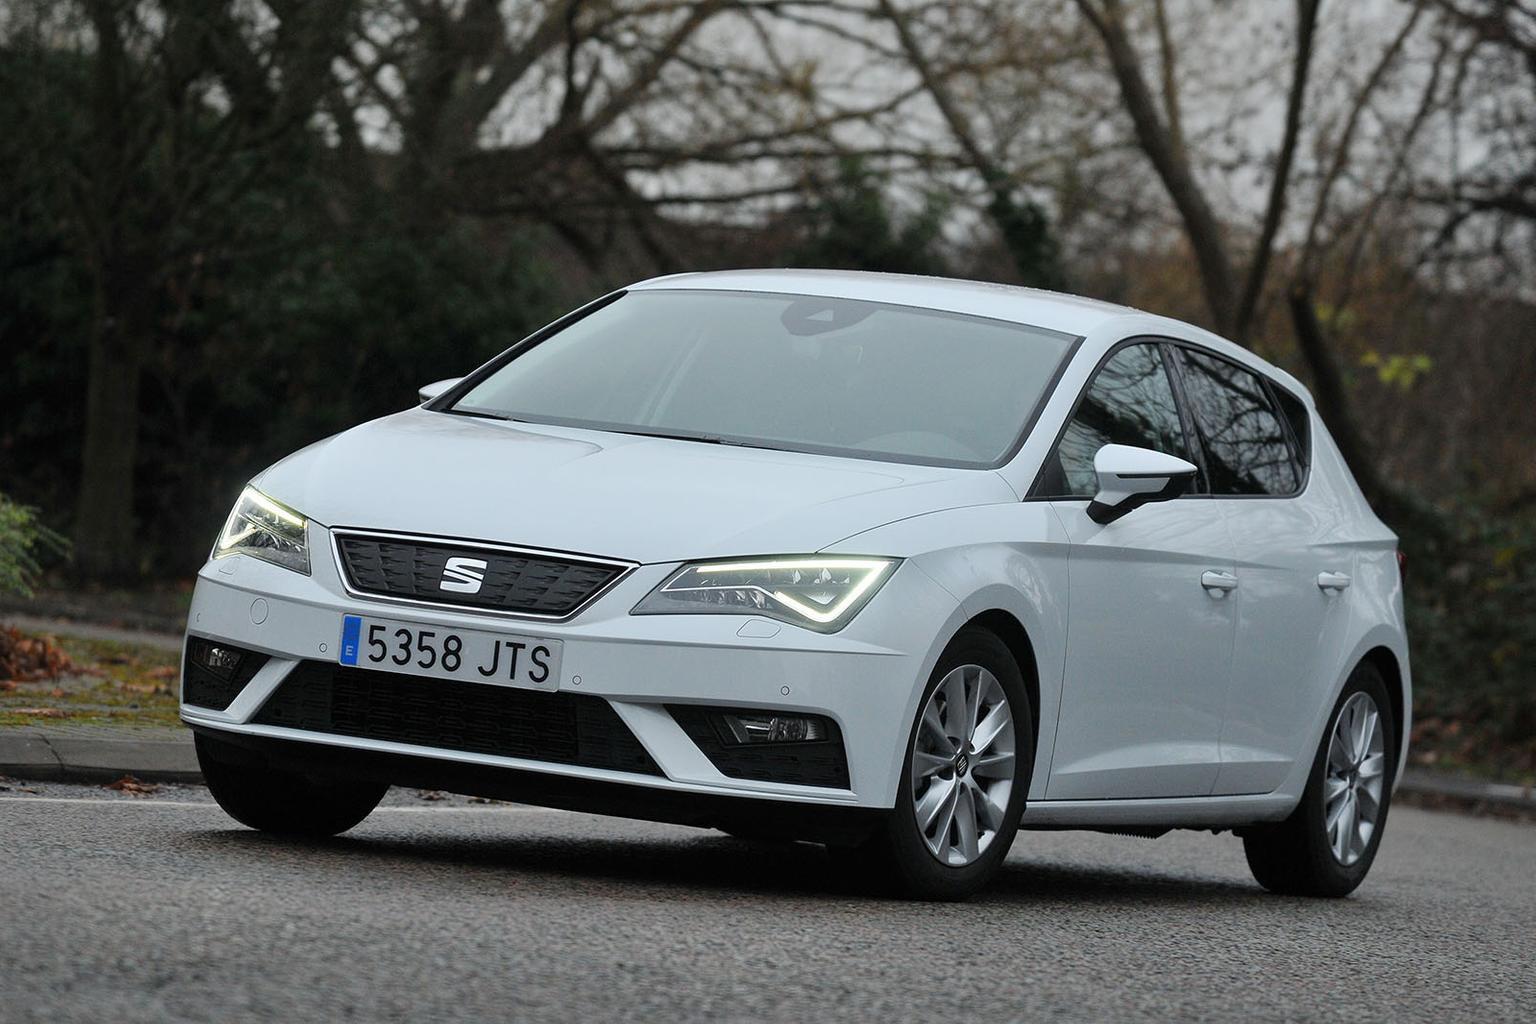 New Seat Leon vs Vauxhall Astra